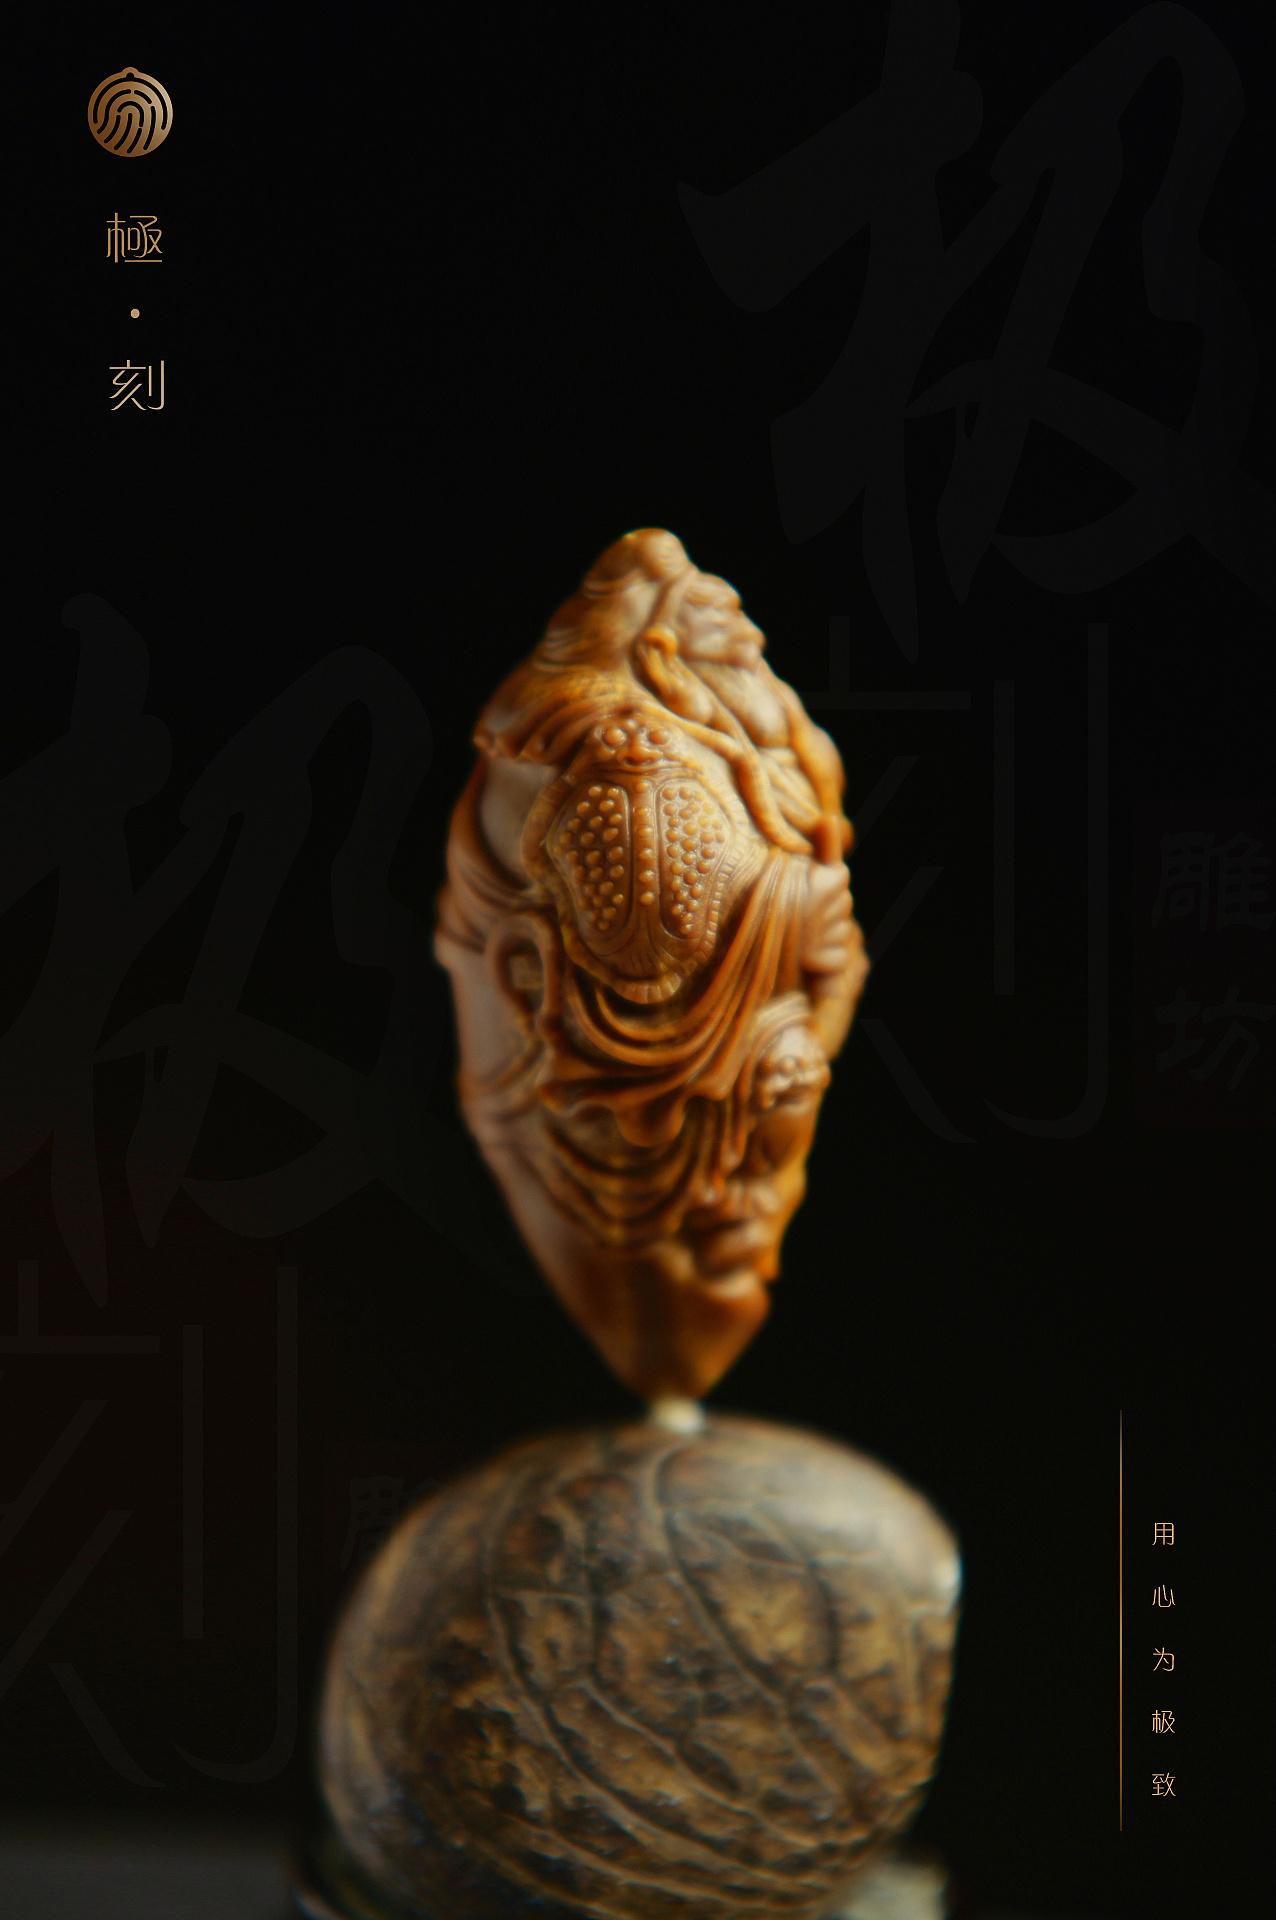 橄榄核雕刻作品 关公图片